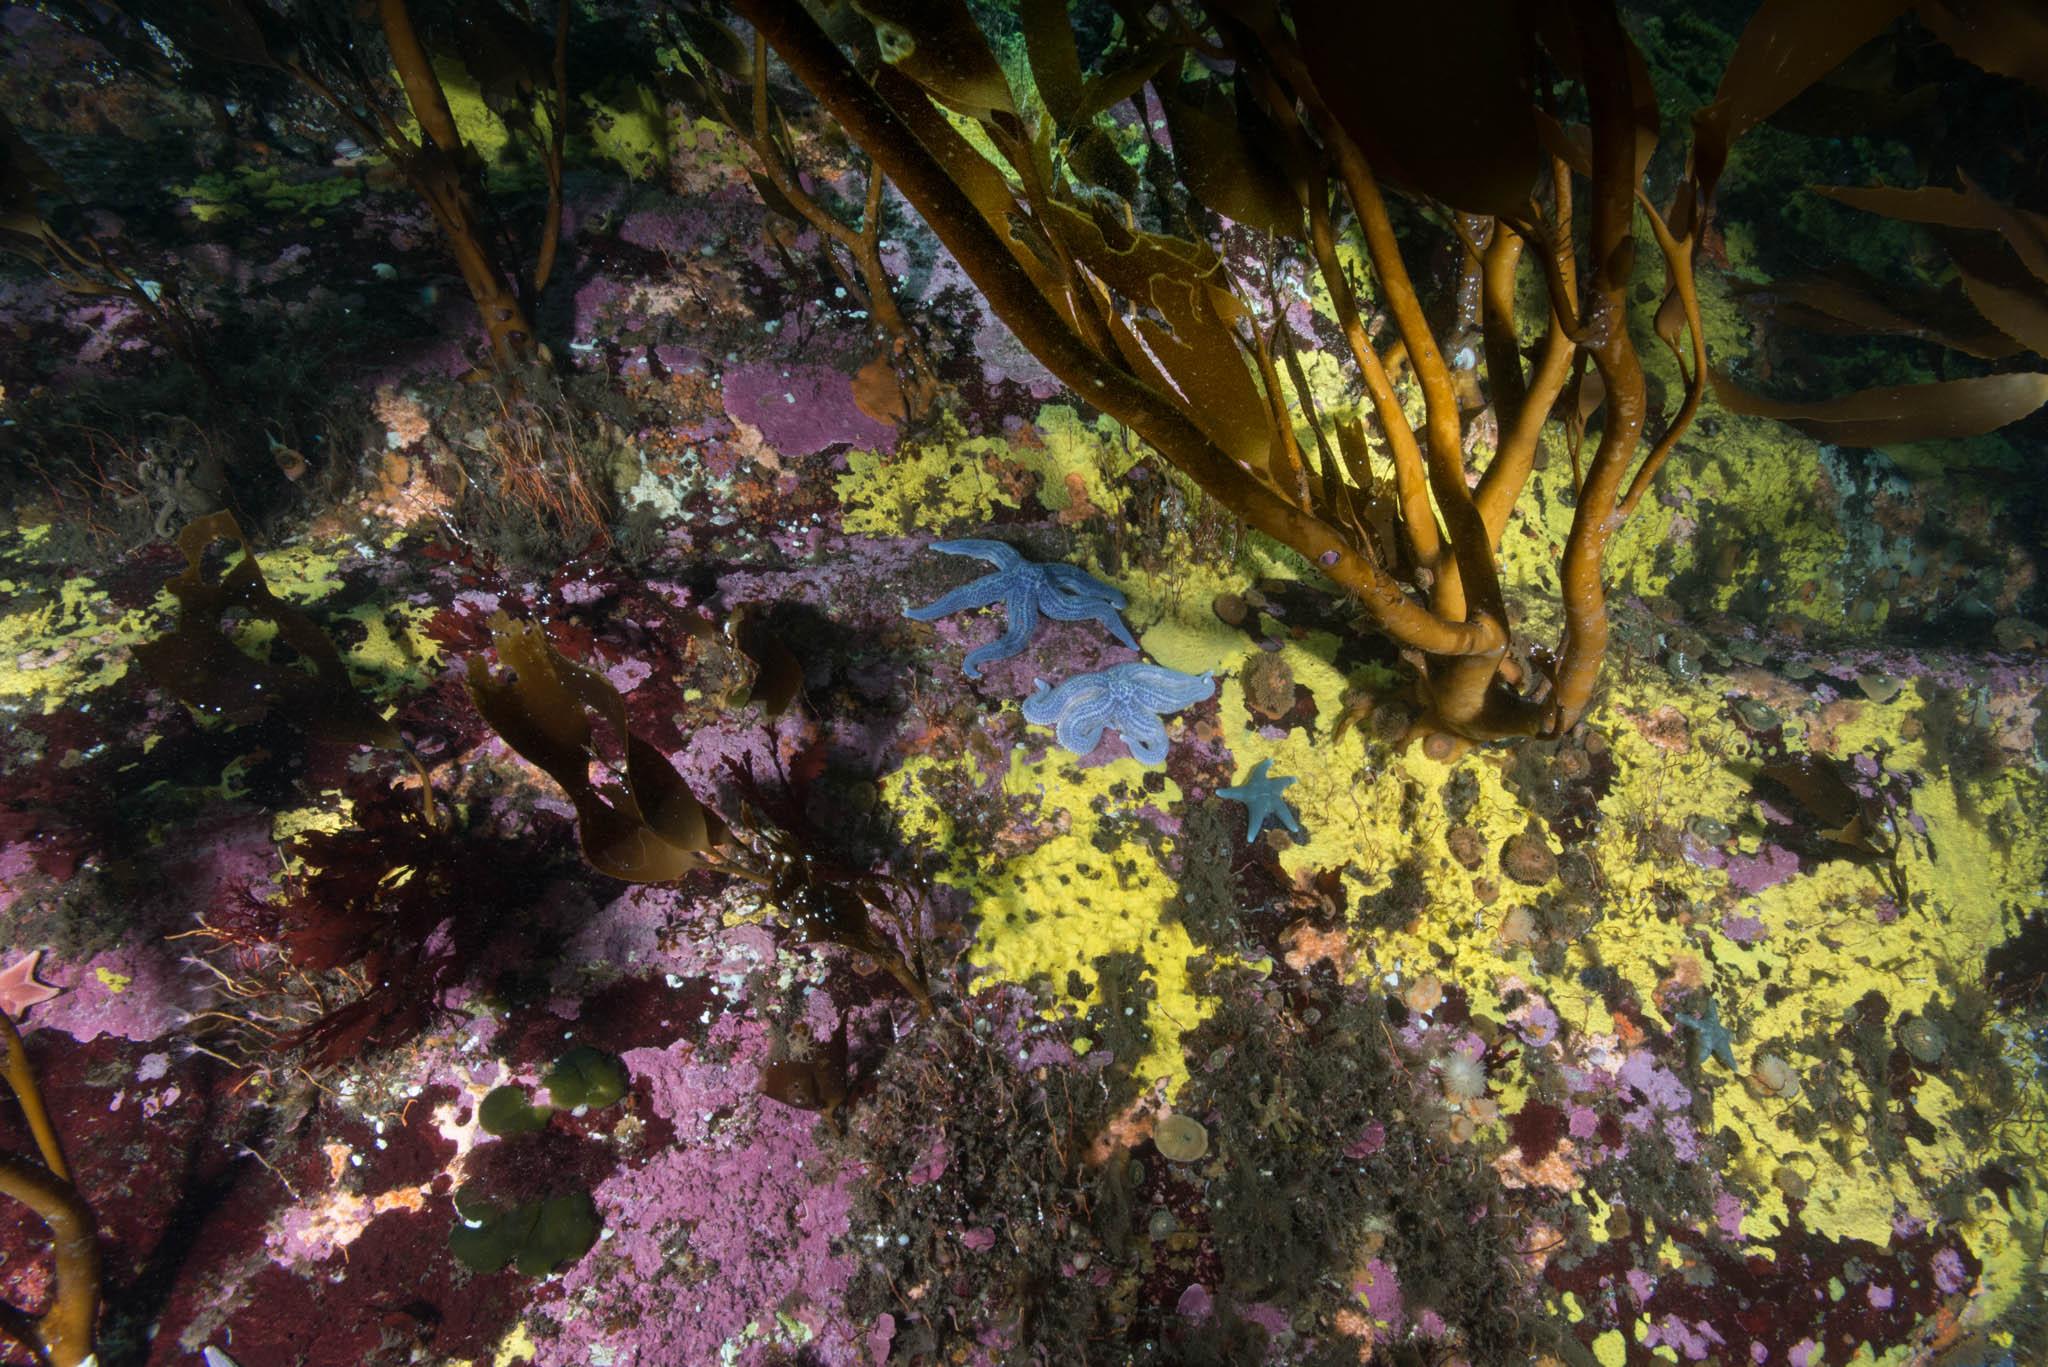 Sponges and Tree Kelp